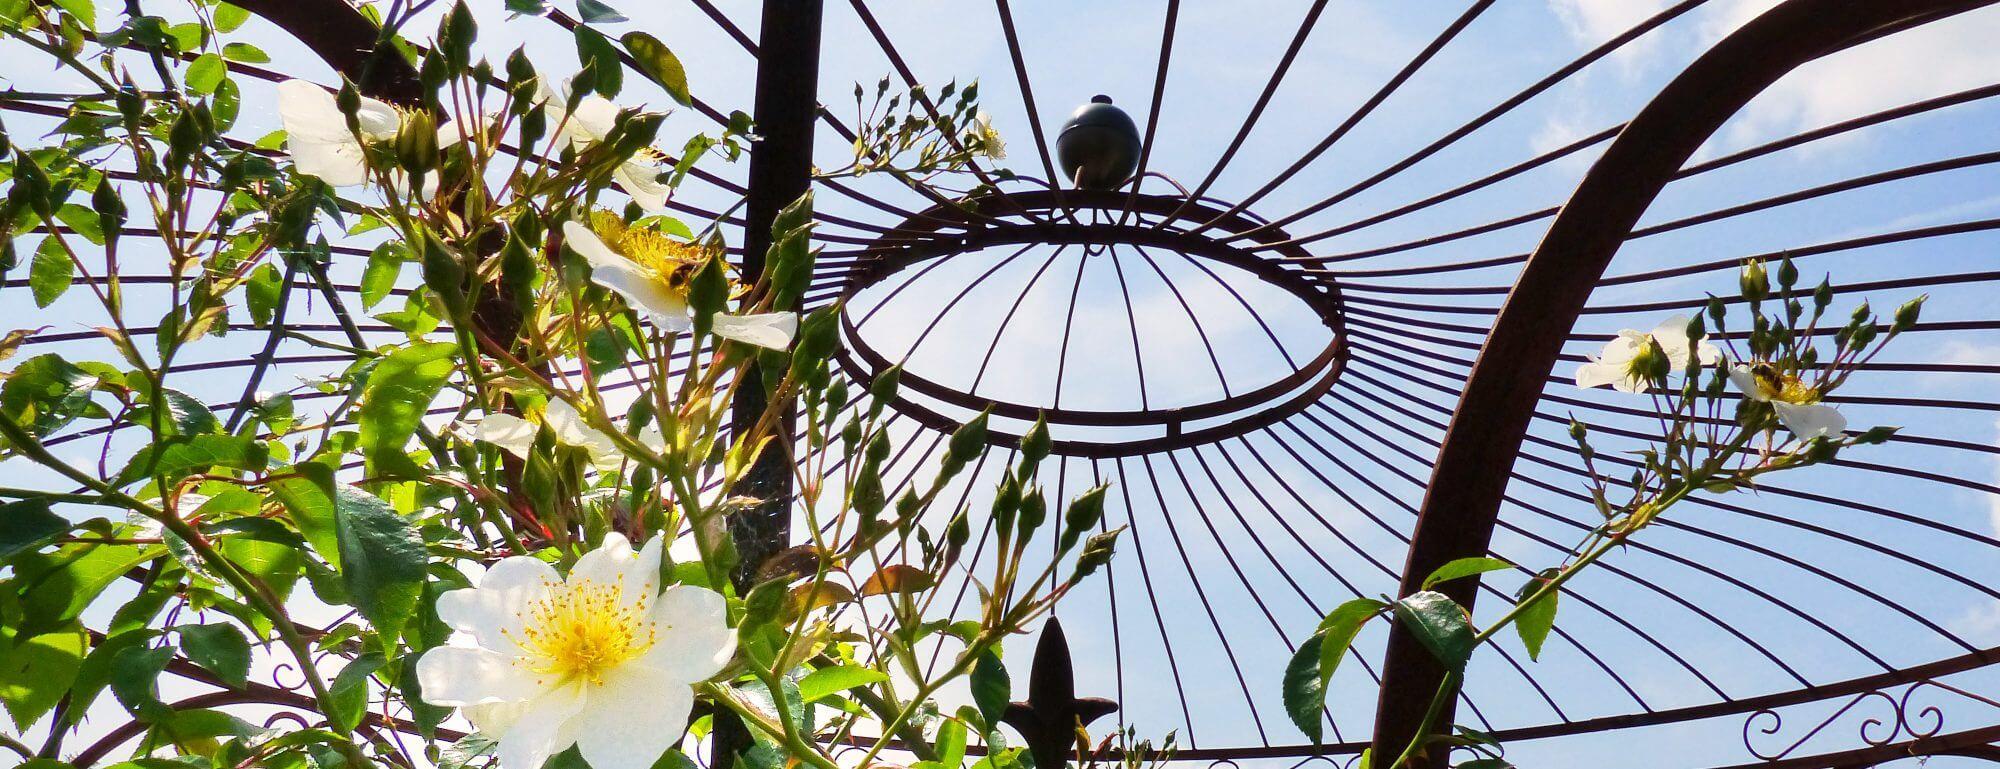 pavillon-florenz-unbeschichtet-edelrost-messingkugel-jpg-8